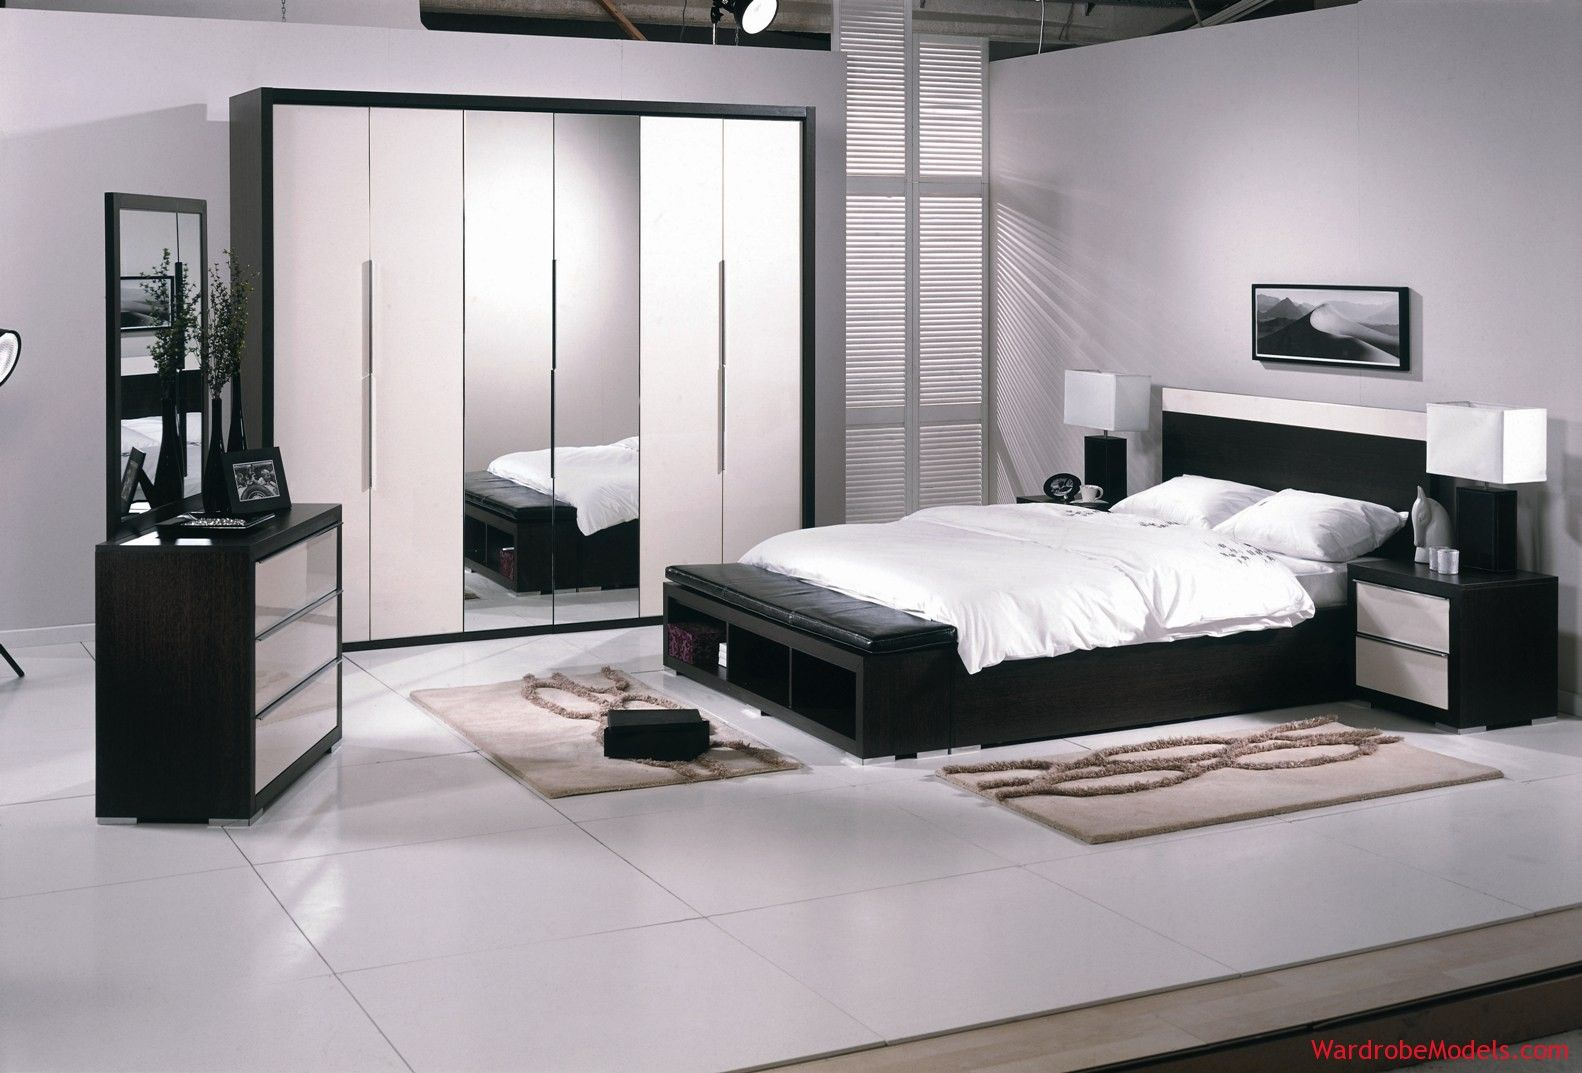 Bedrooms Designs New Grey Bedroom Modern Wardrobe Models  Wardrobe Models  Pinterest Design Inspiration